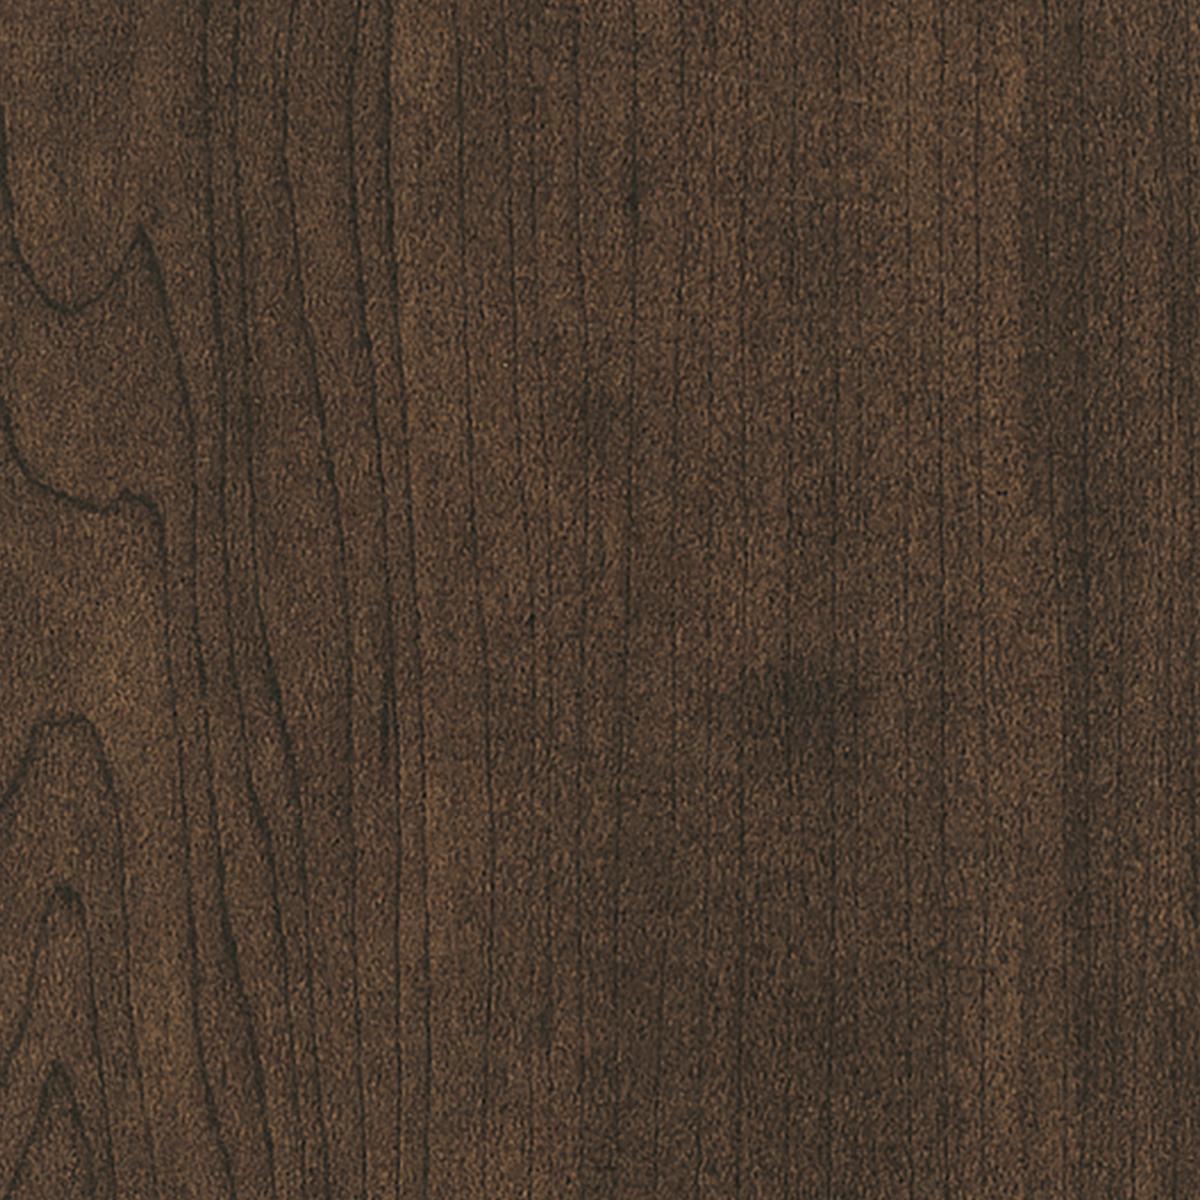 Formica Cocoa Maple Laminate